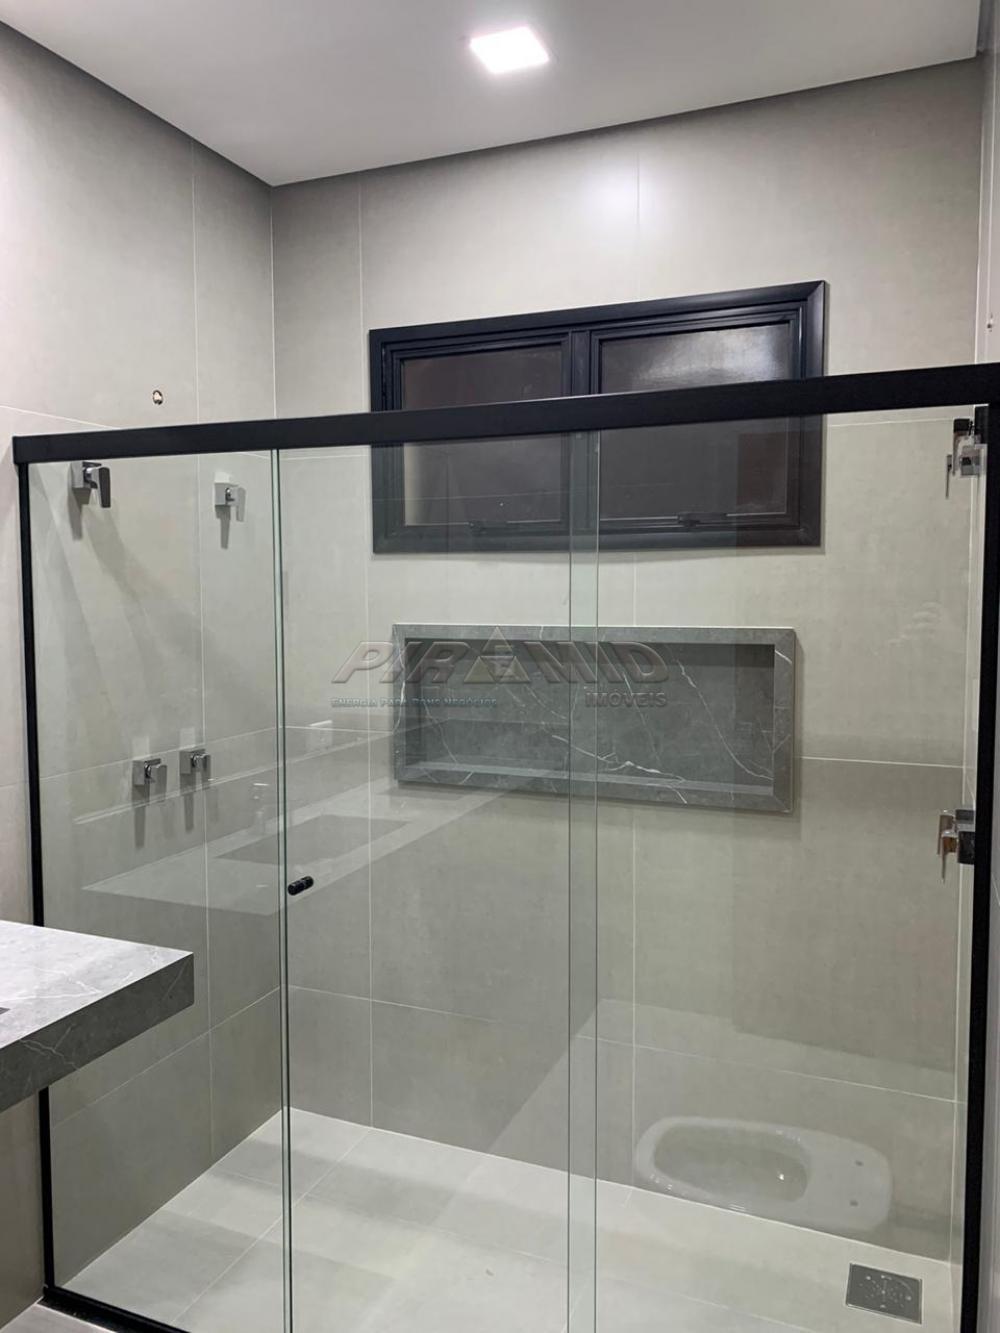 Comprar Casa / Condomínio em Ribeirão Preto apenas R$ 1.090.000,00 - Foto 11